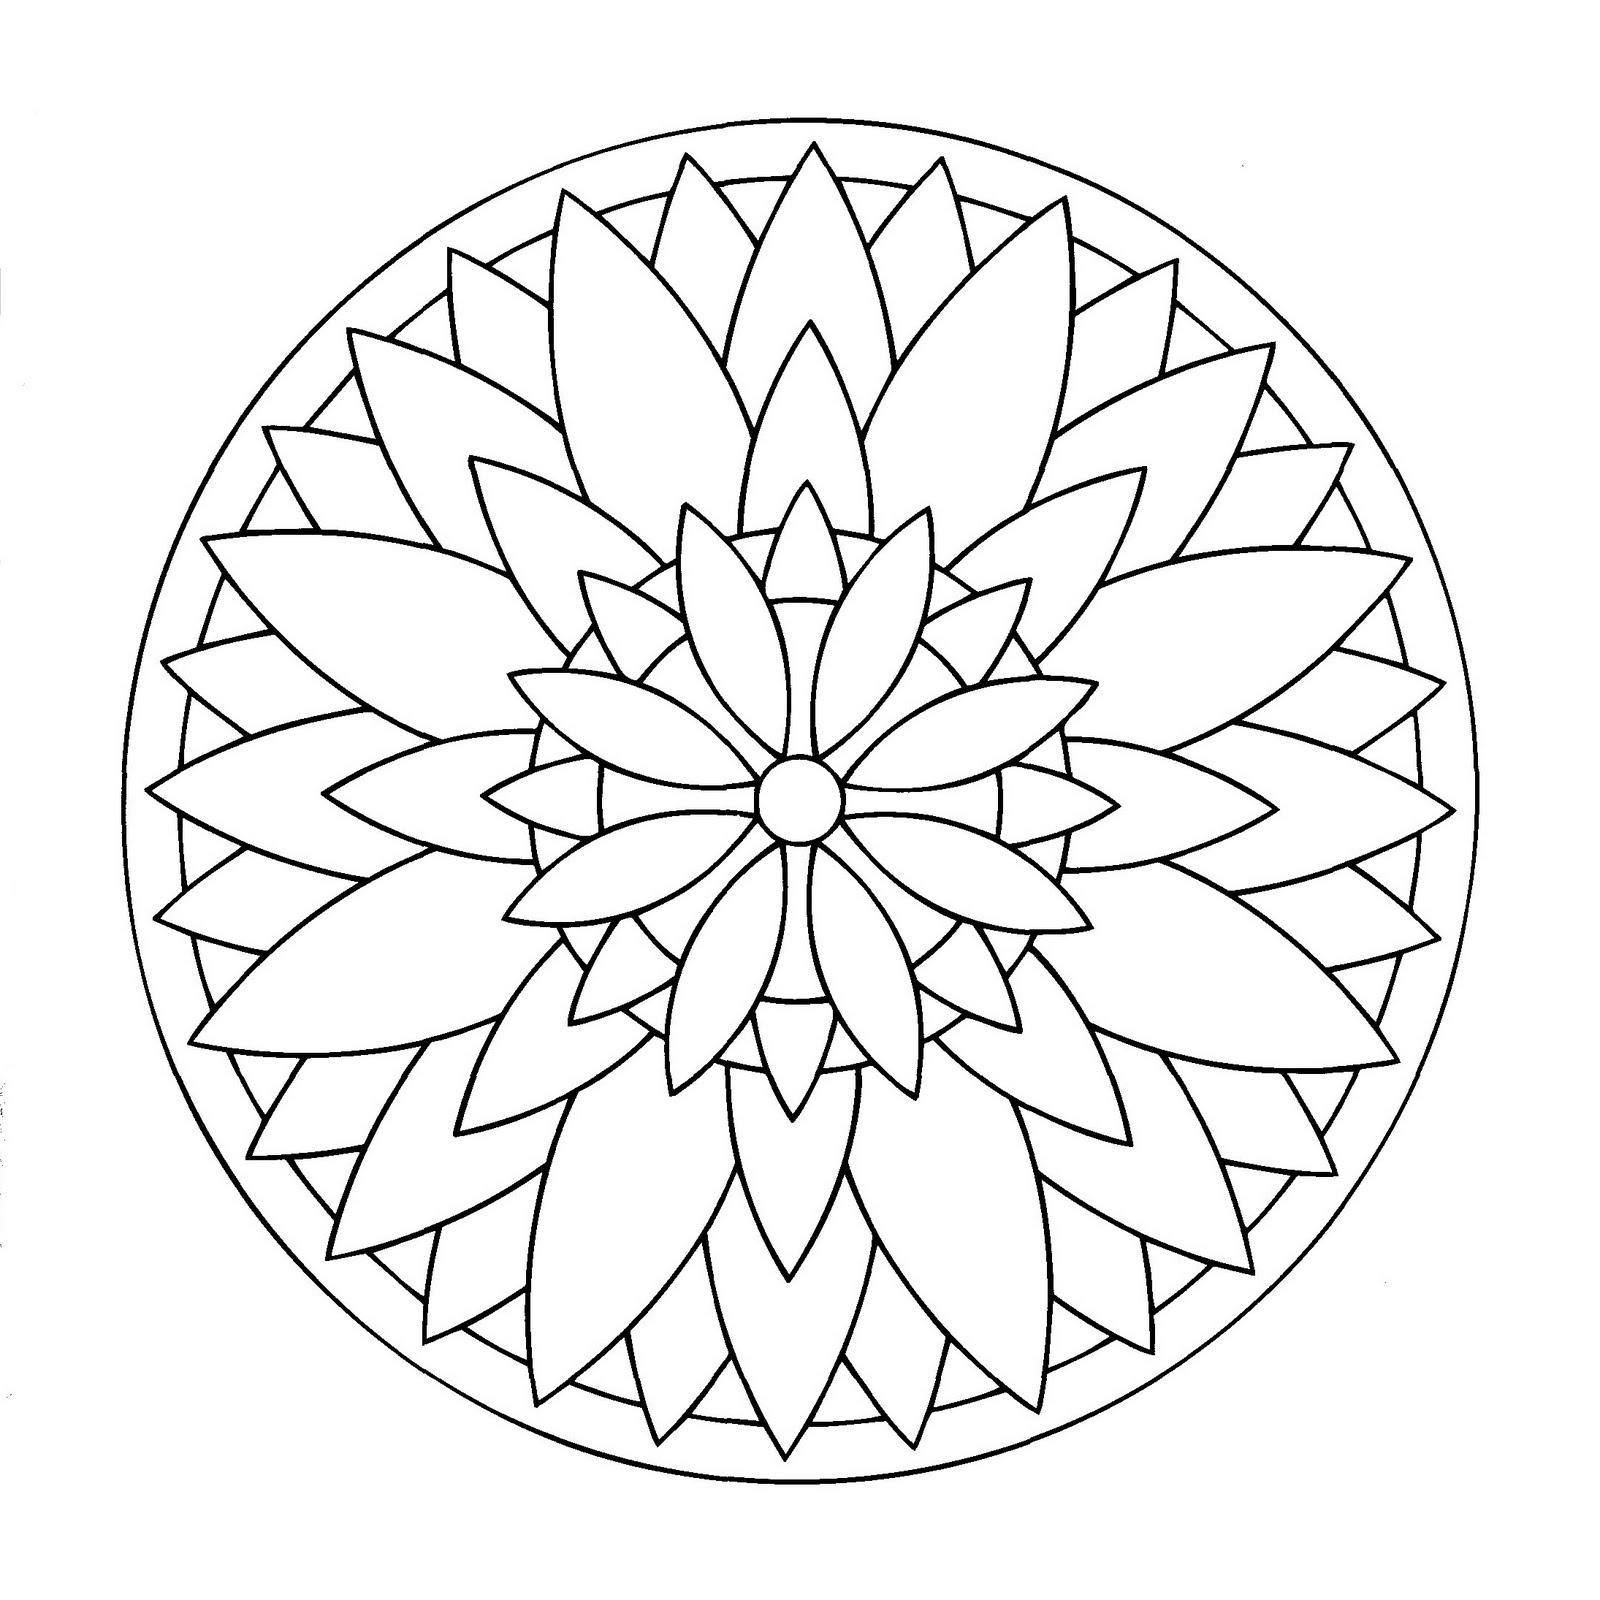 Mandala Gratuit Representant Une Fleur Mandalas Sur Le Theme Des Fleurs Et Vegetation 100 Mandalas Zen Anti Stress